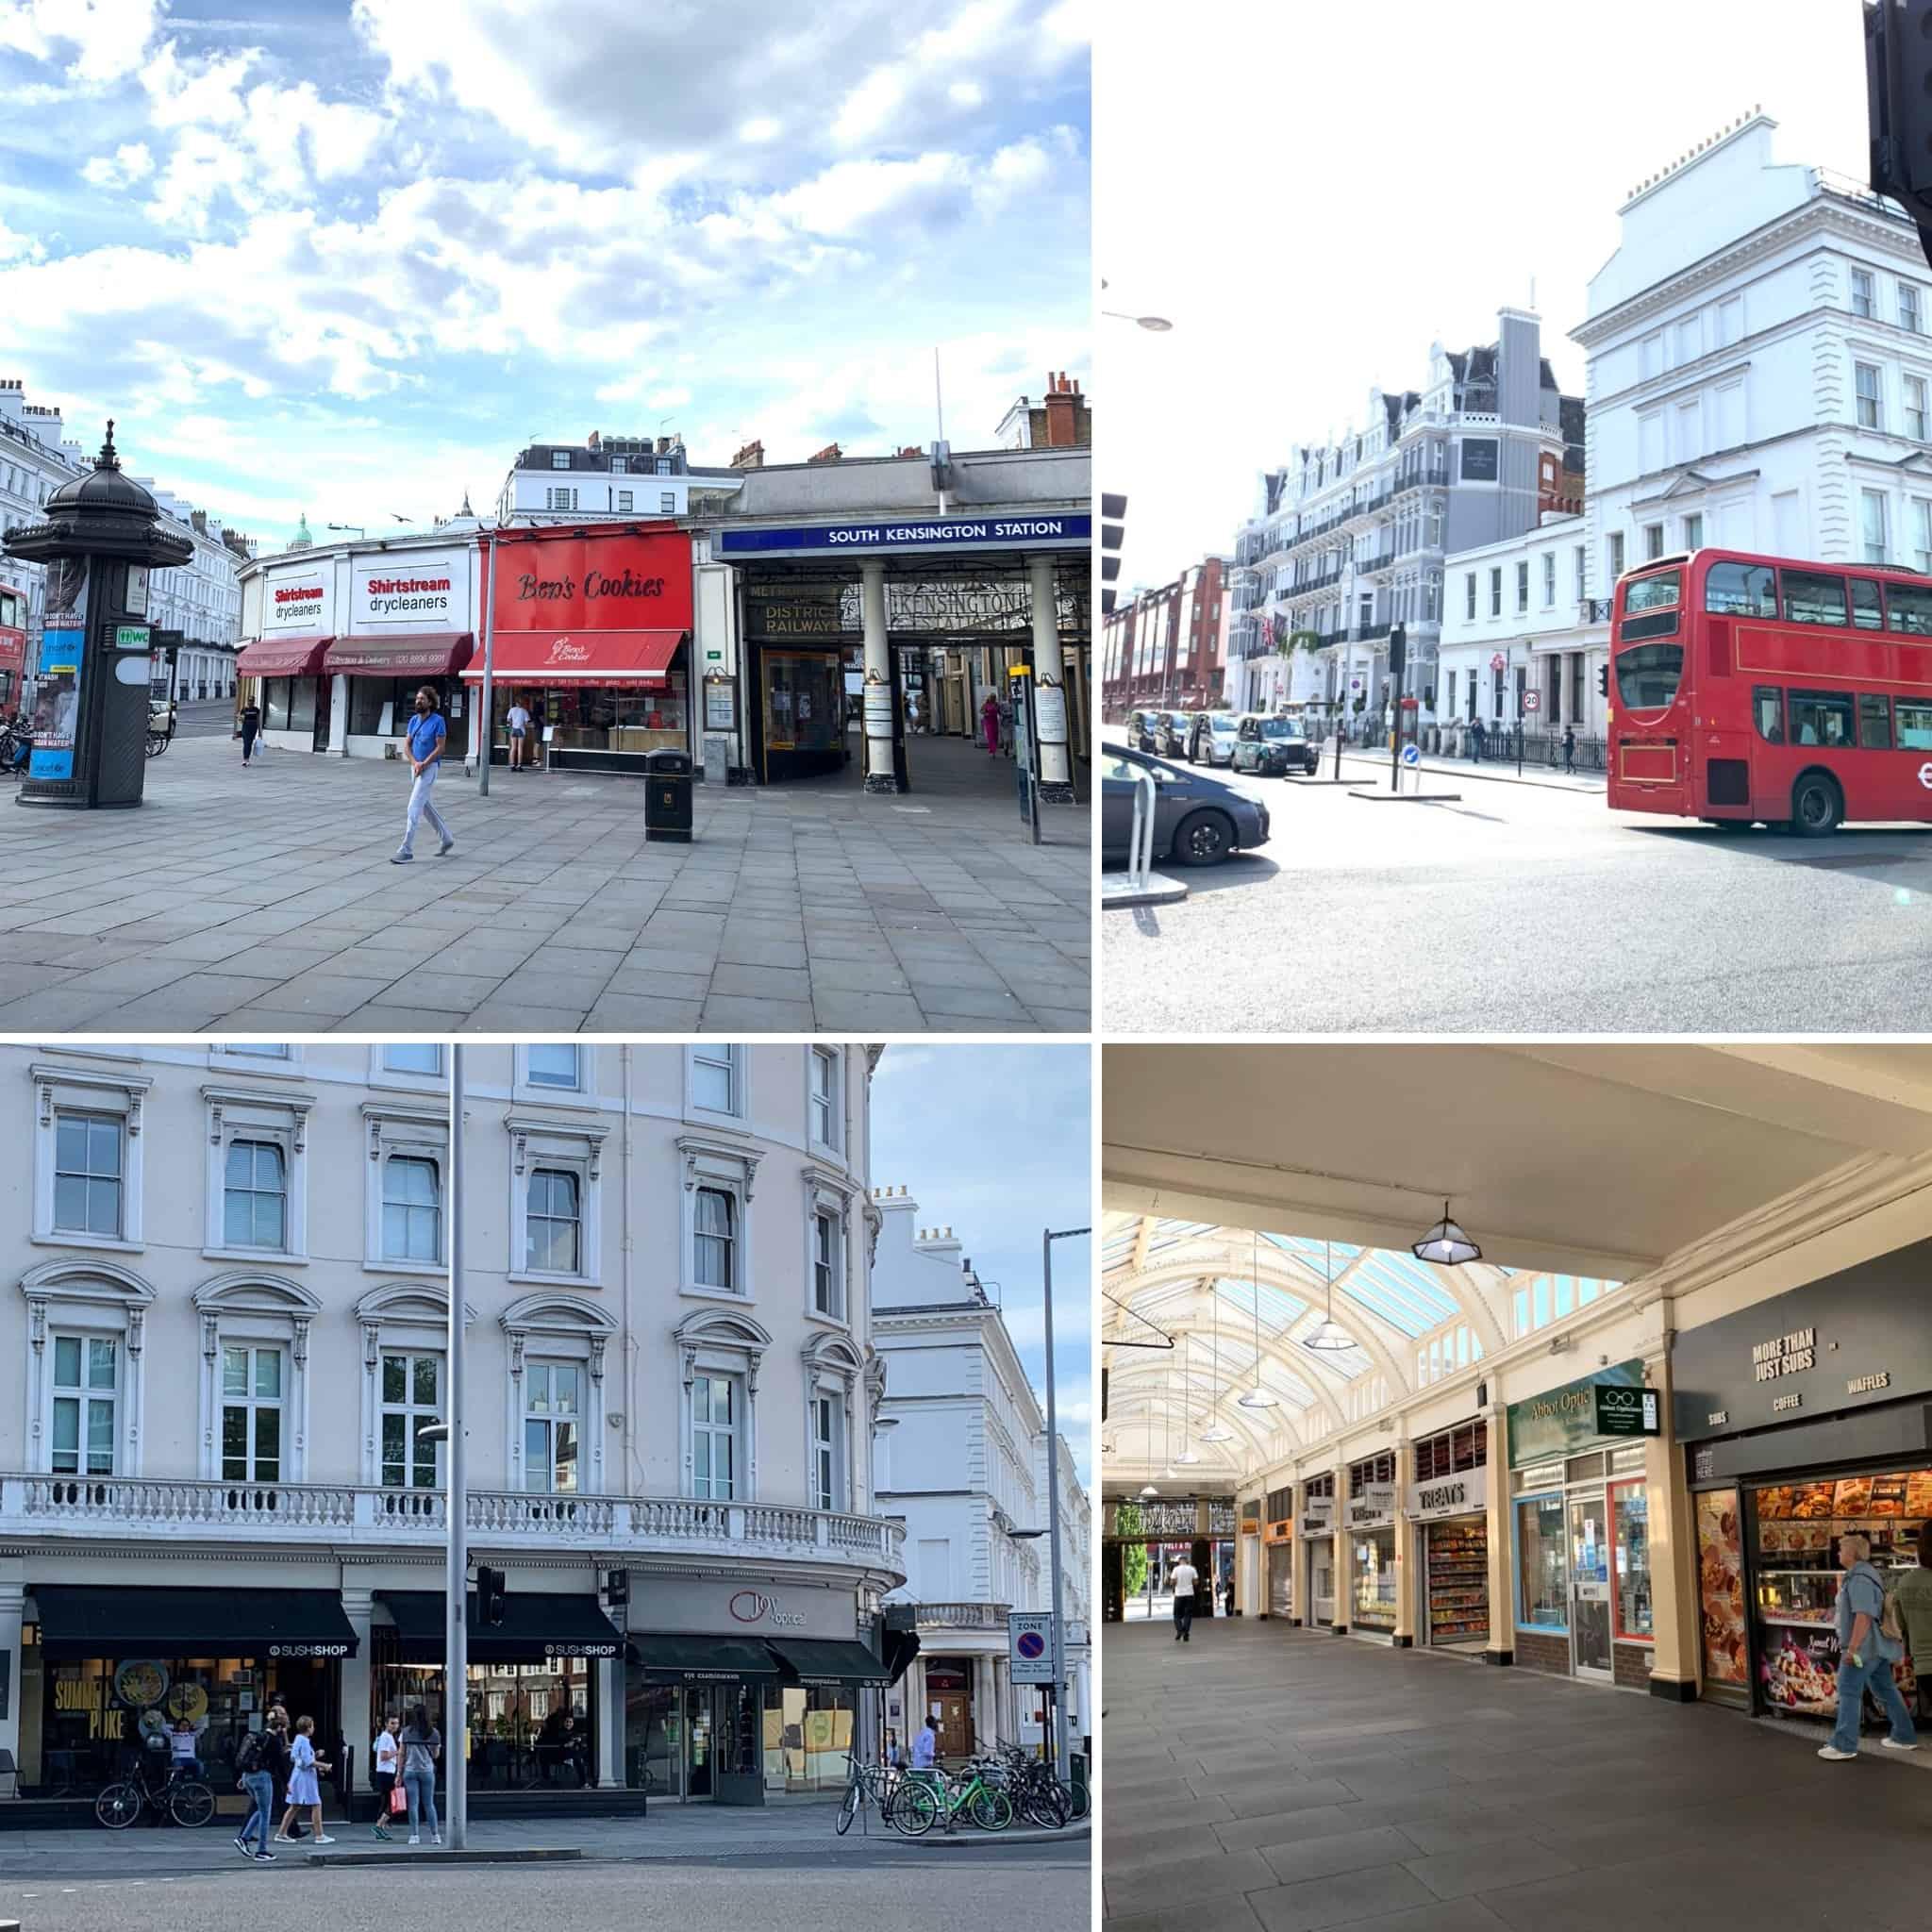 """▼ Museum が集まるSouth Kensington 駅周辺。 →7/4土の""""Super Saturday""""から、飲食店が本格再オープン。とは言え、全面オープンしているお店は、まだ全体の2/3ほど。"""